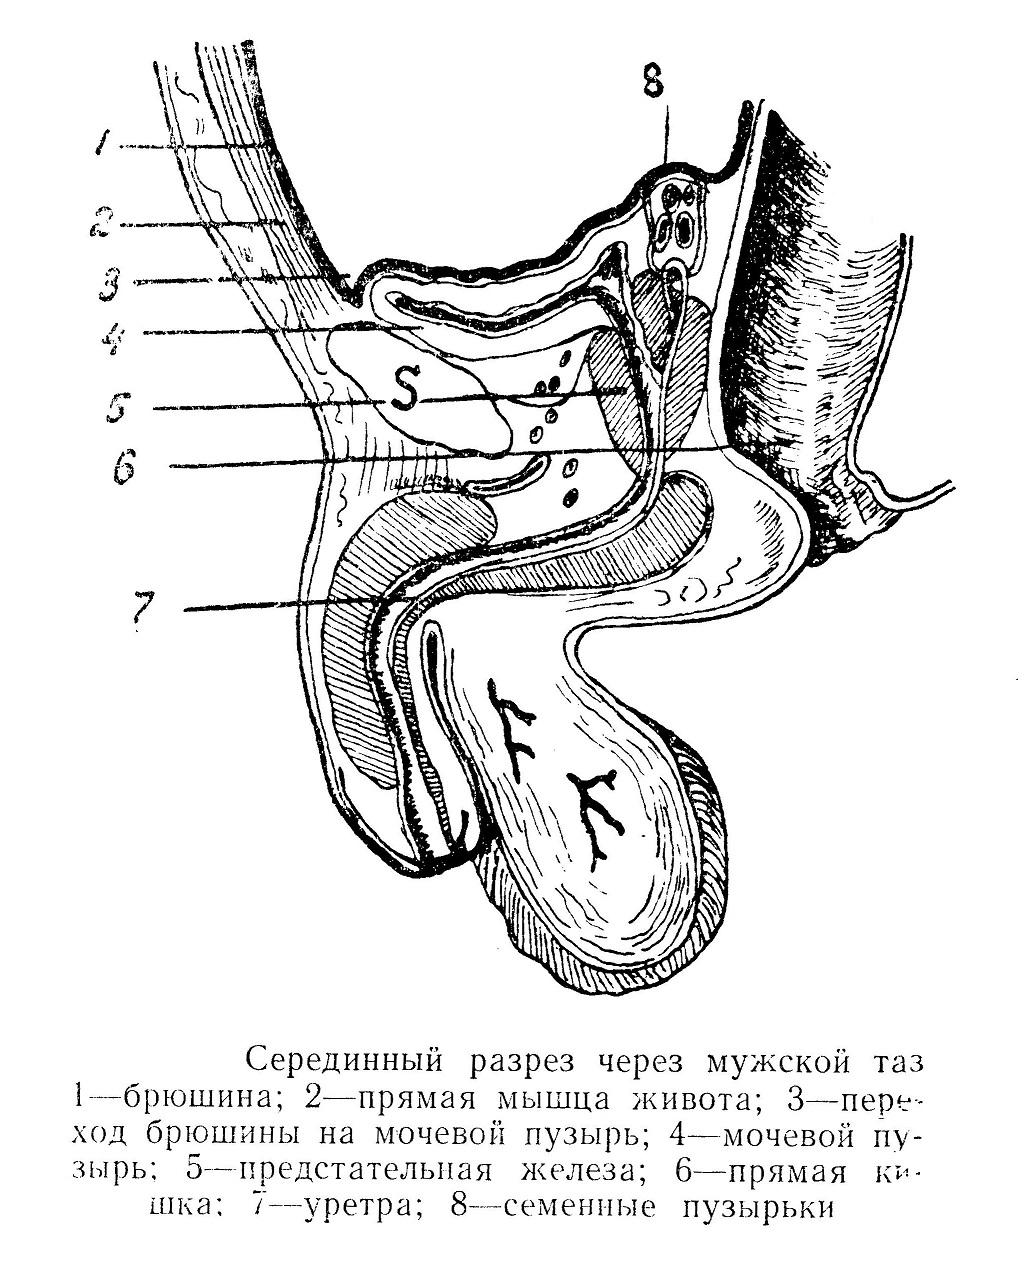 Серединный разрез через мужской таз